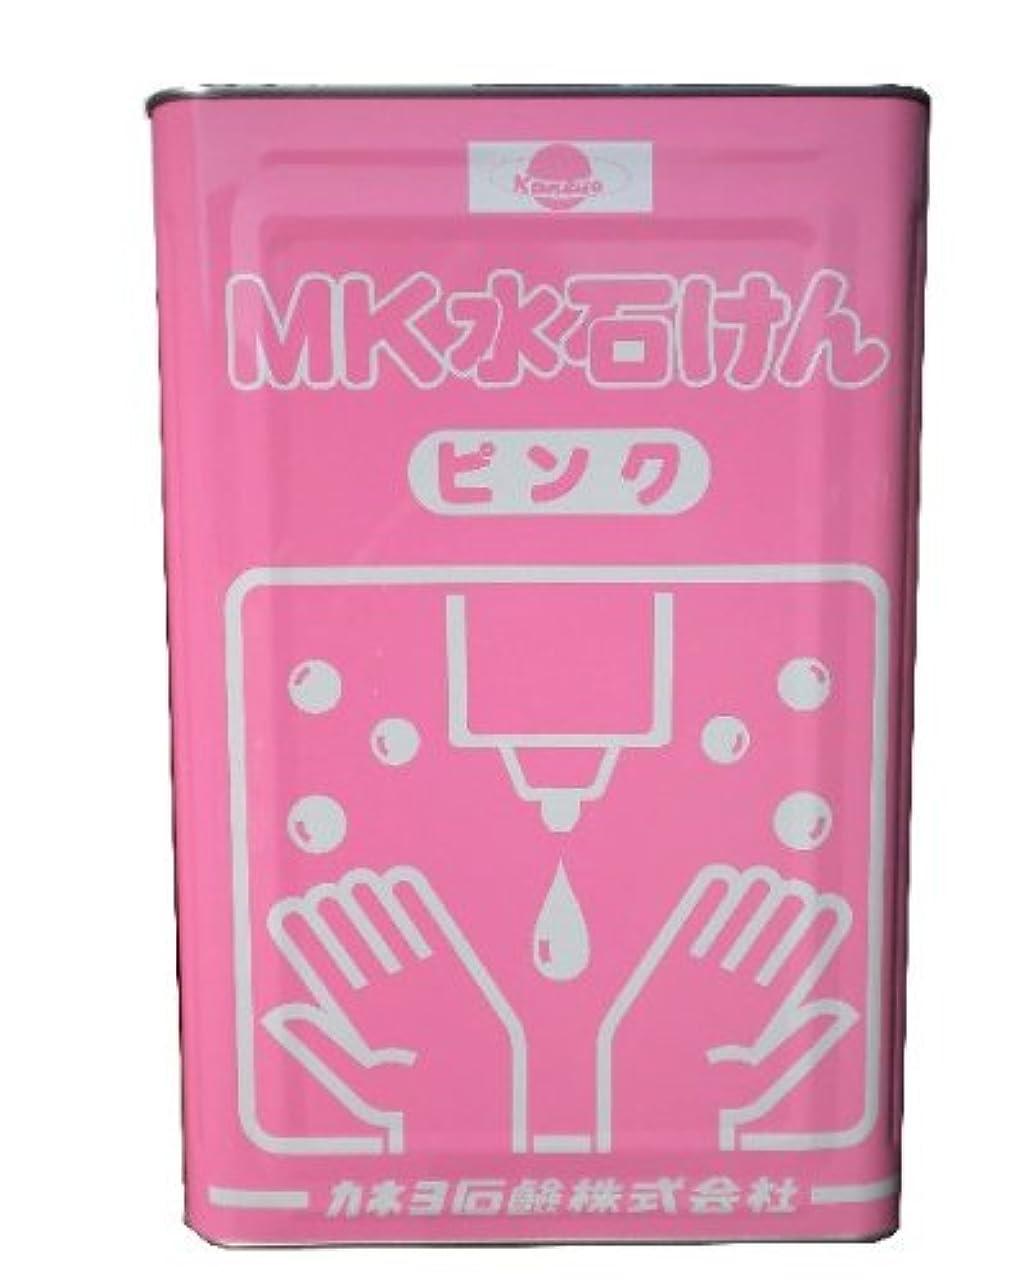 現代の印刷するひも【大容量】 カネヨ石鹸 ハンドソープ MK水せっけん 液体 業務用 18L 一斗缶